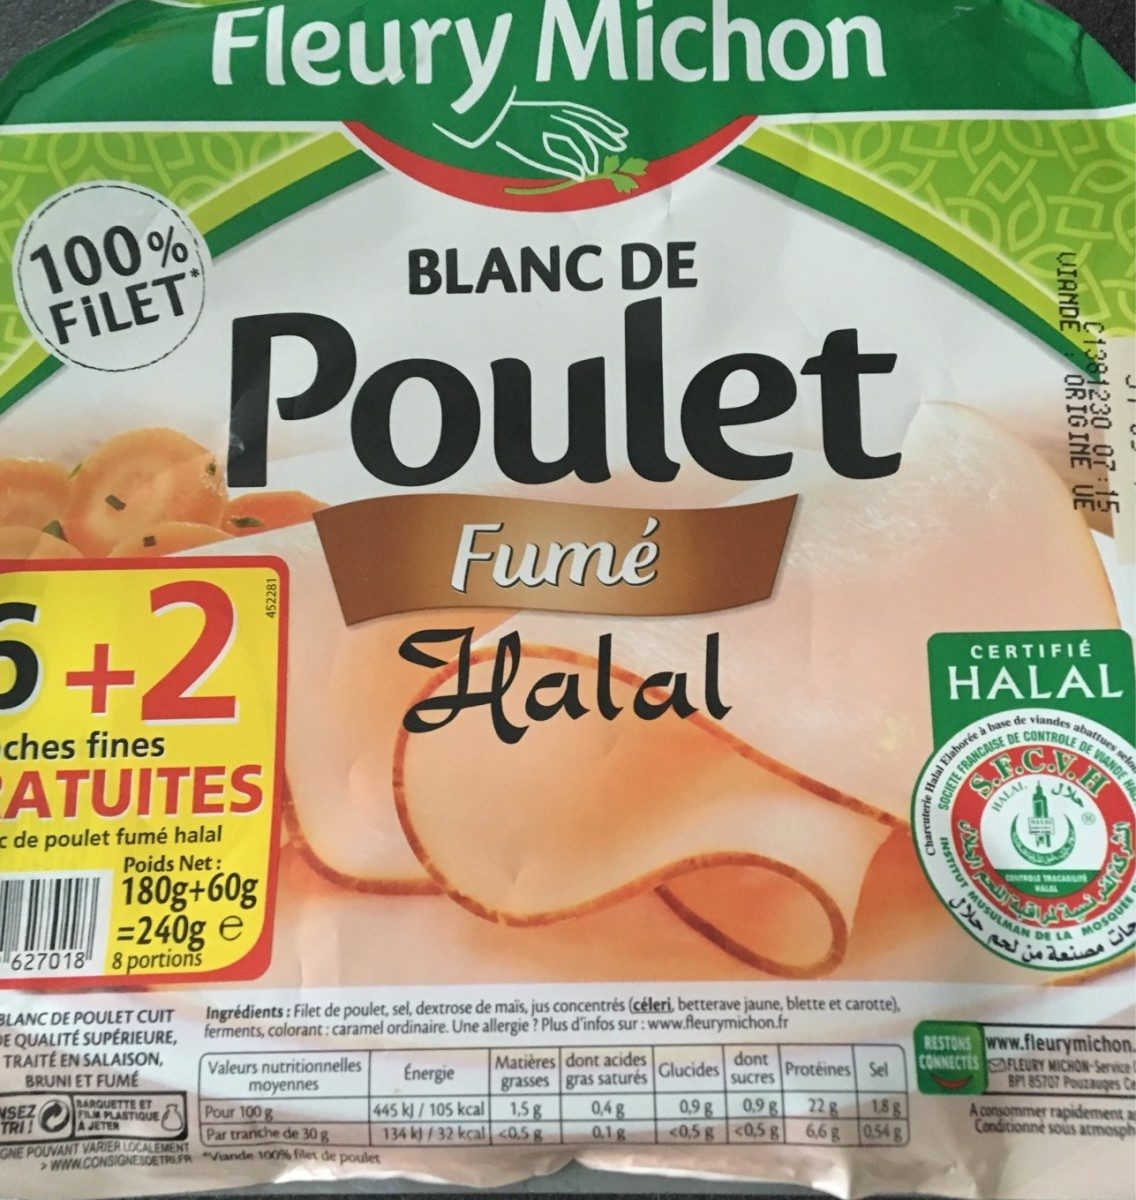 Blanc de poulet fumé halal - Product - fr